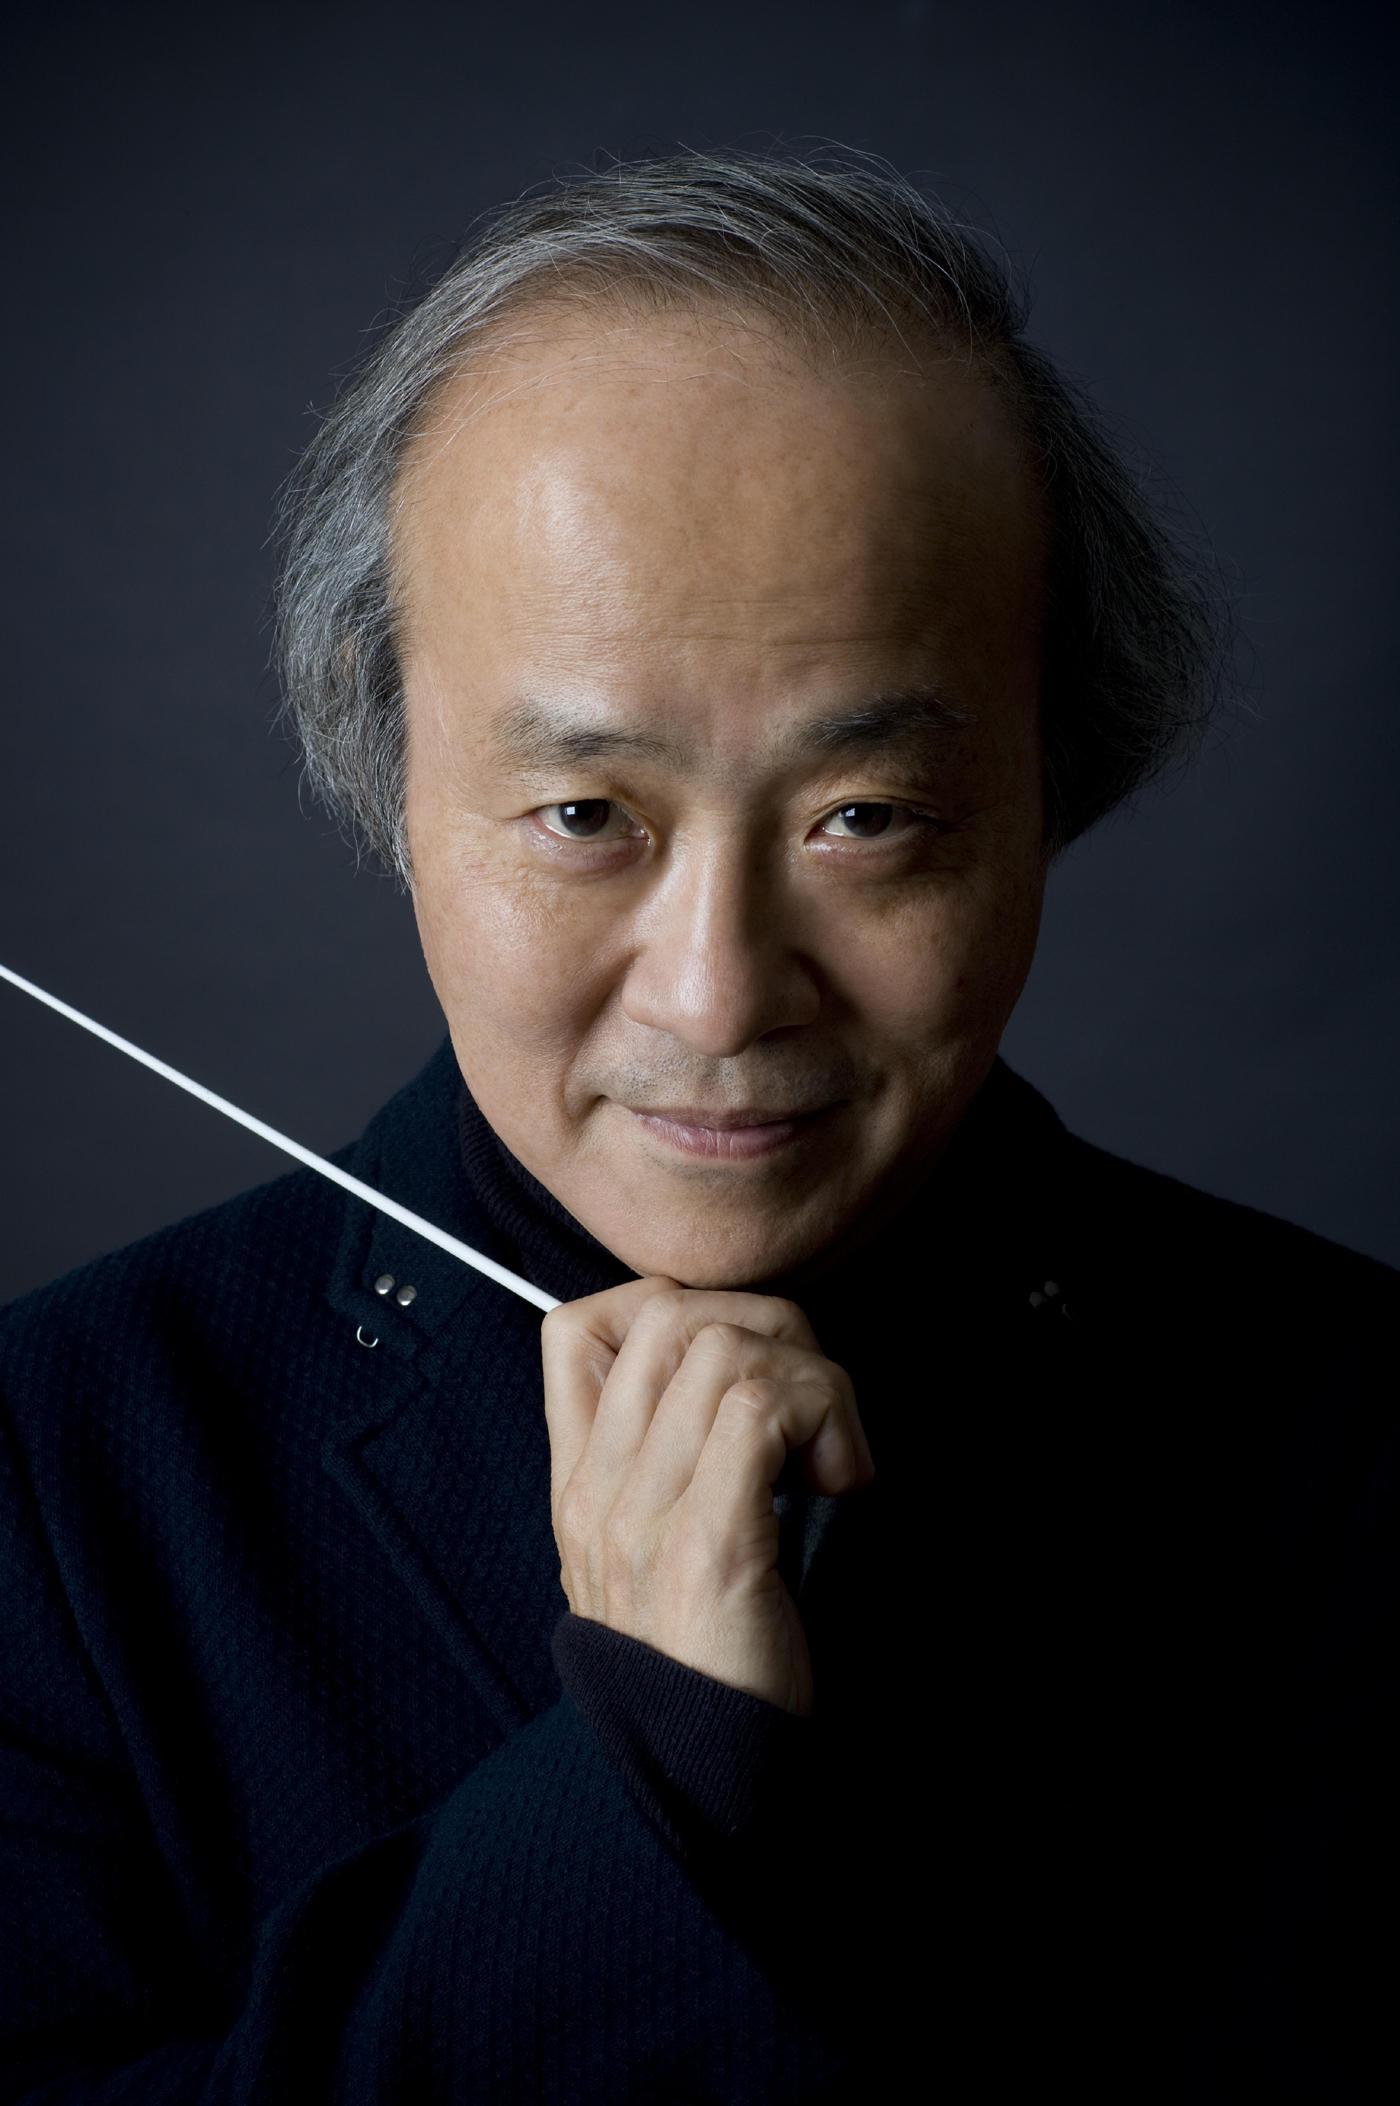 チケット発売中本公演は、当初予定しておりました指揮者と曲目の一部を変更して開催させていただくことを決定いたしました。尾高忠明指揮東京フィルハーモニー交響楽団